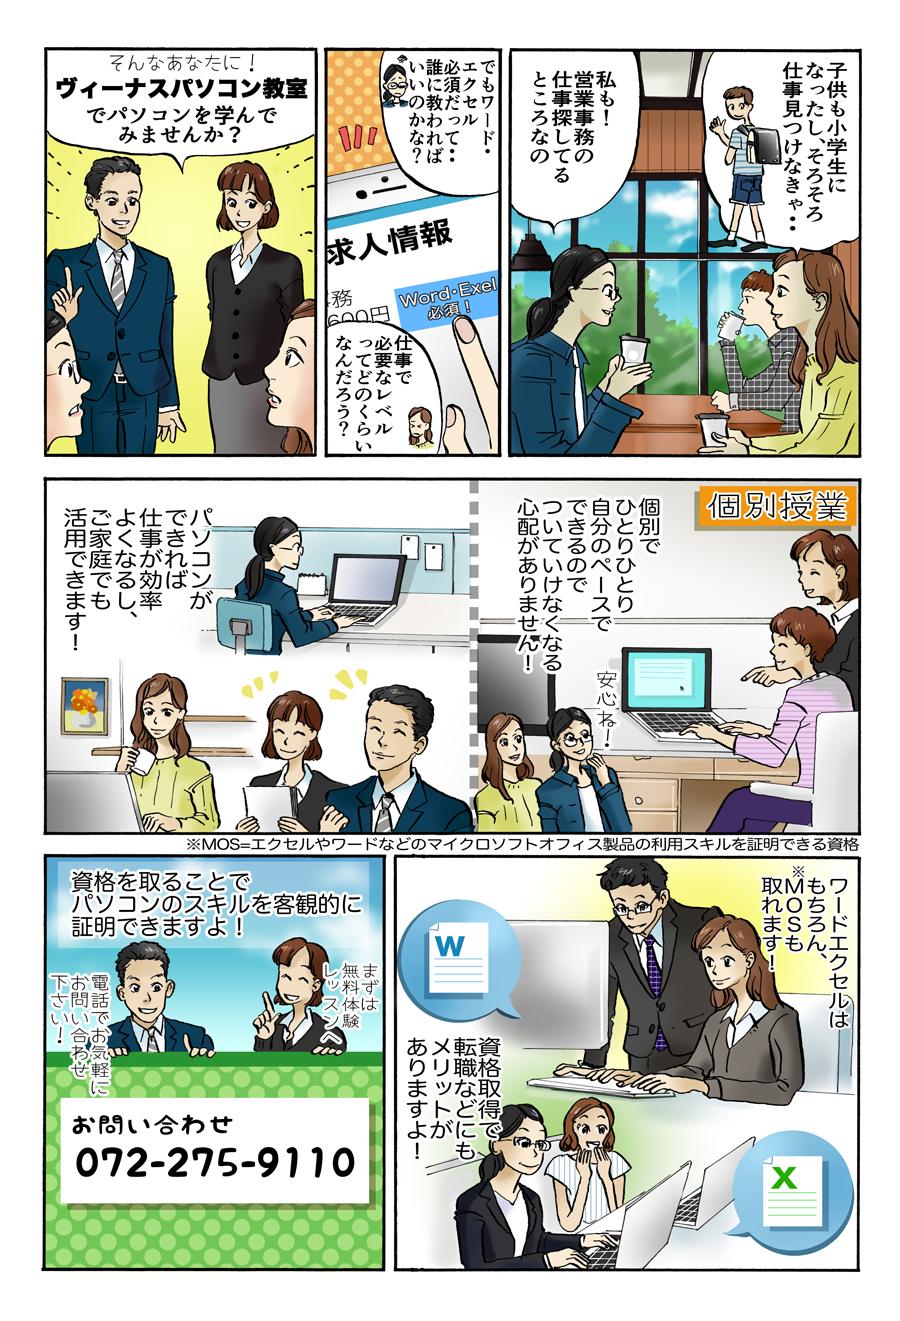 堺市 パソコン教室 ヴィーナスパソコン教室 女性 安い 資格 MOS